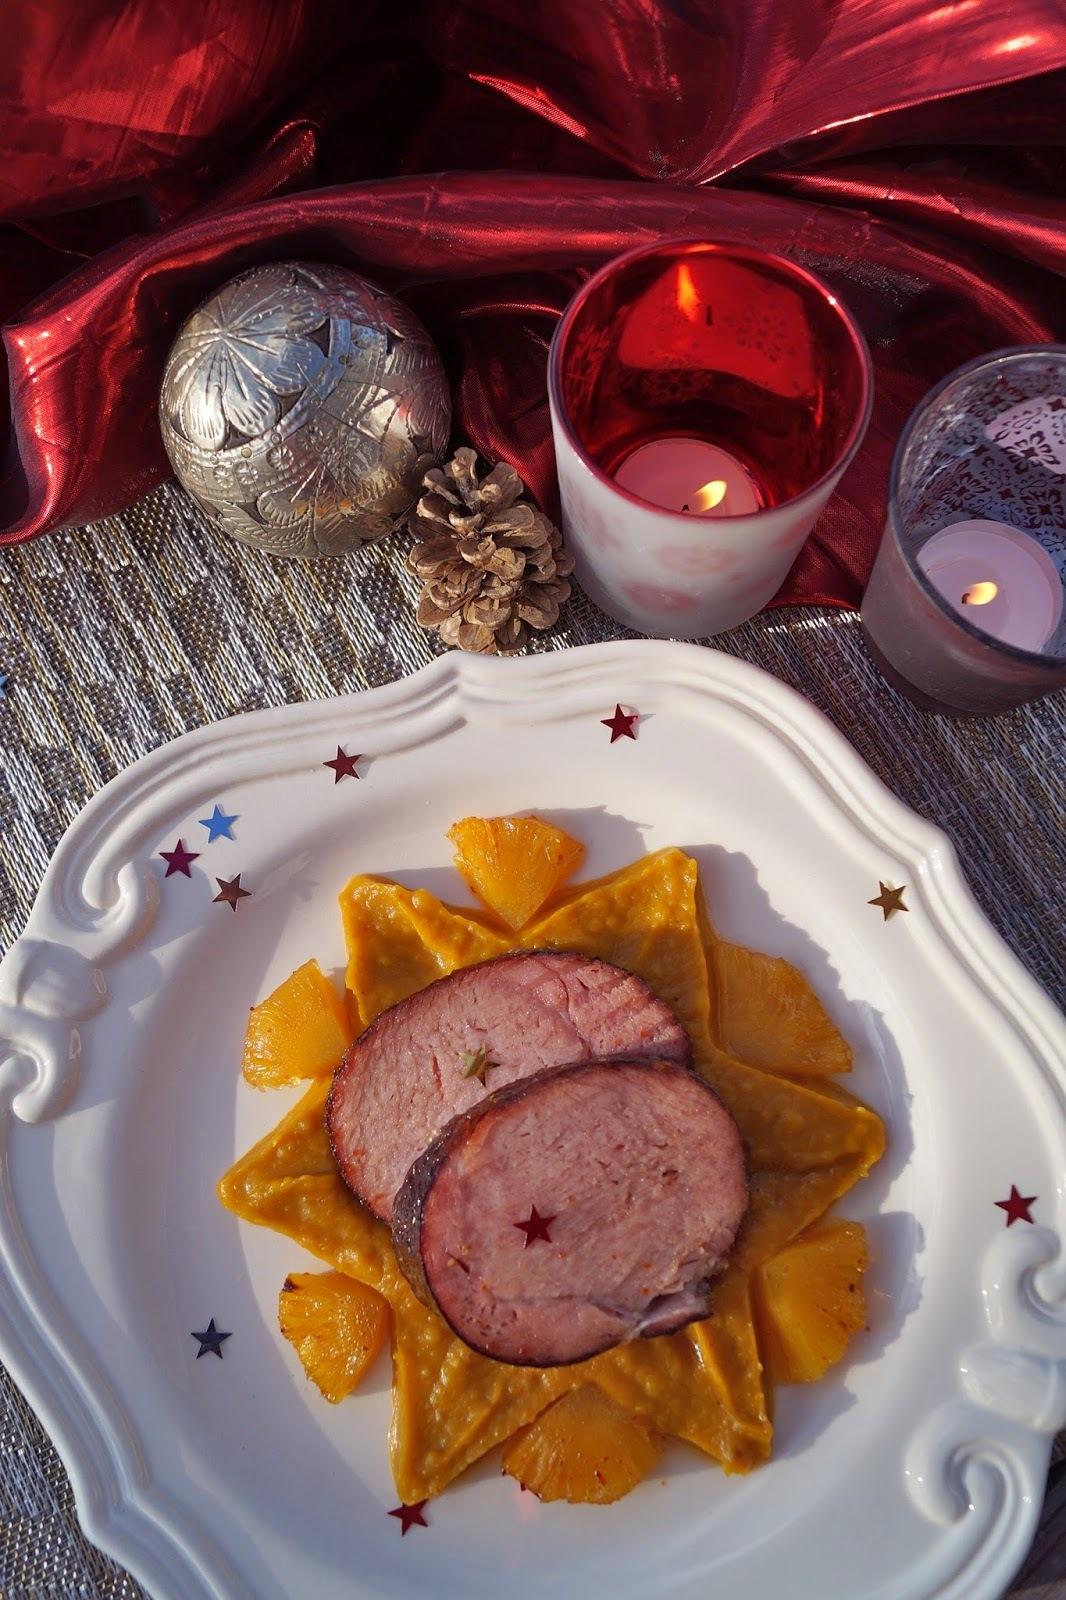 Rôti de porc fumé à l'ananas façon jambon de Noël antillais